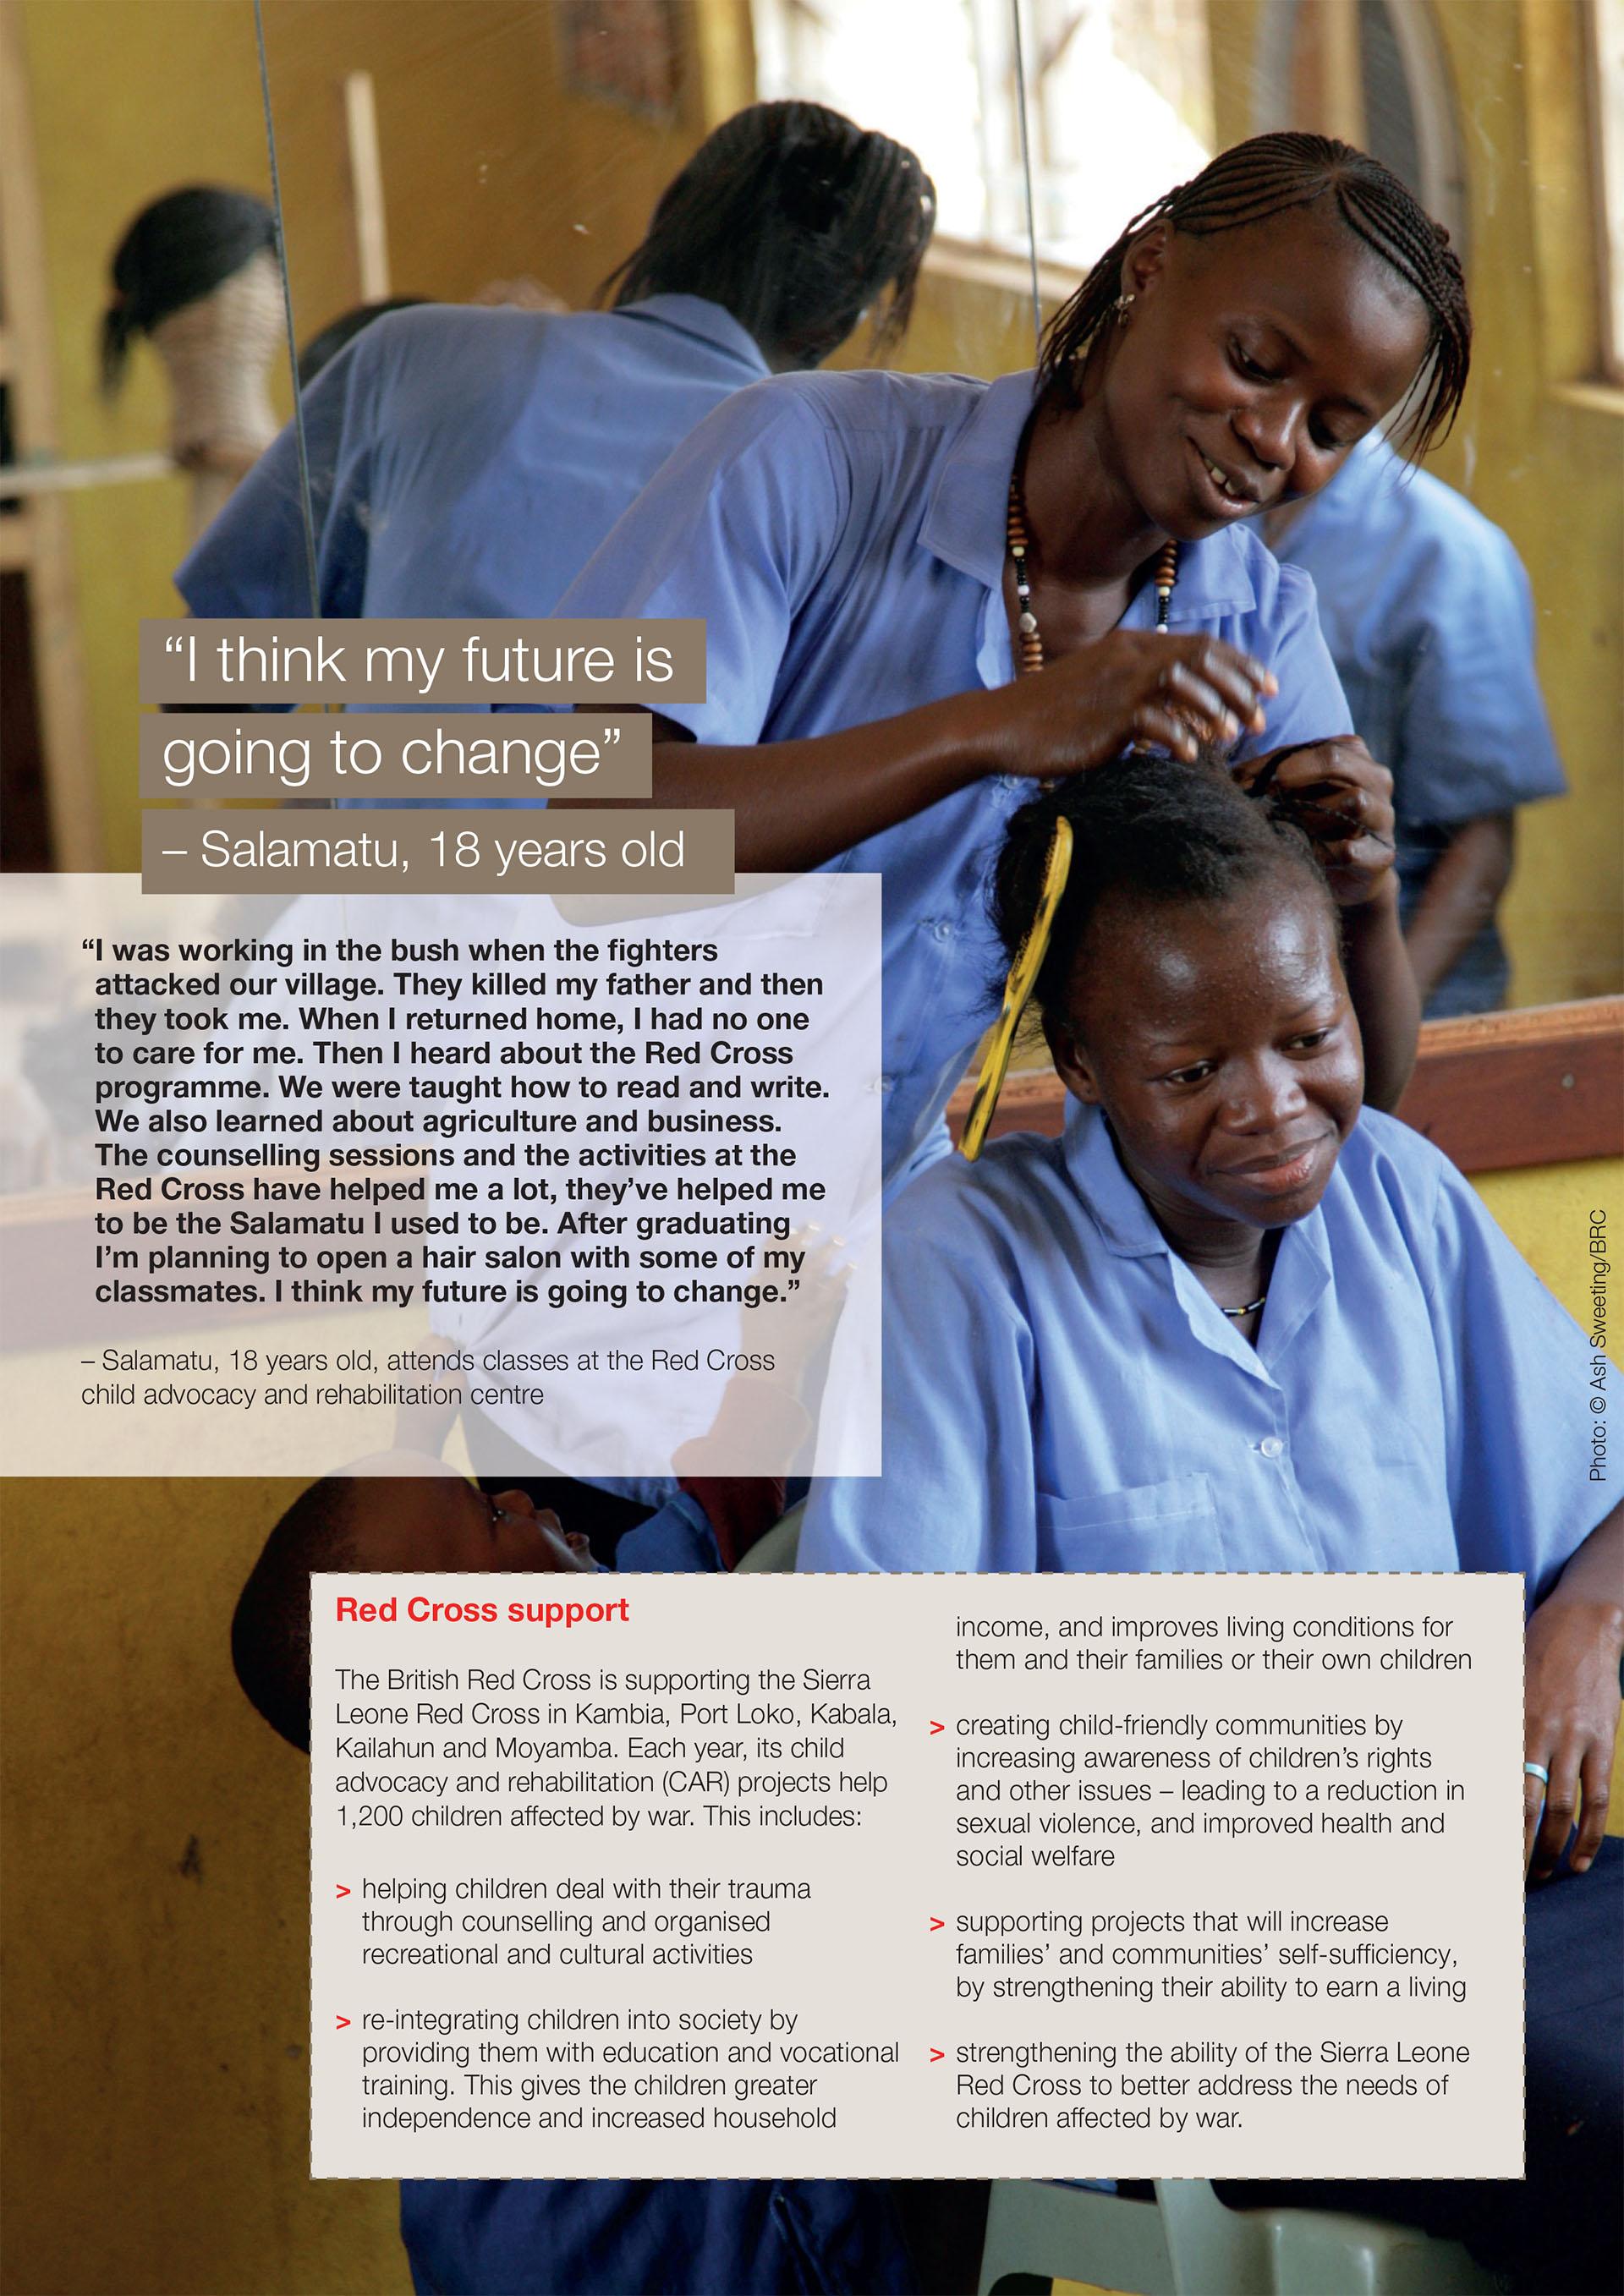 Child_soldiers_Sierra_Leone_factsheet_ARTWORK.indd